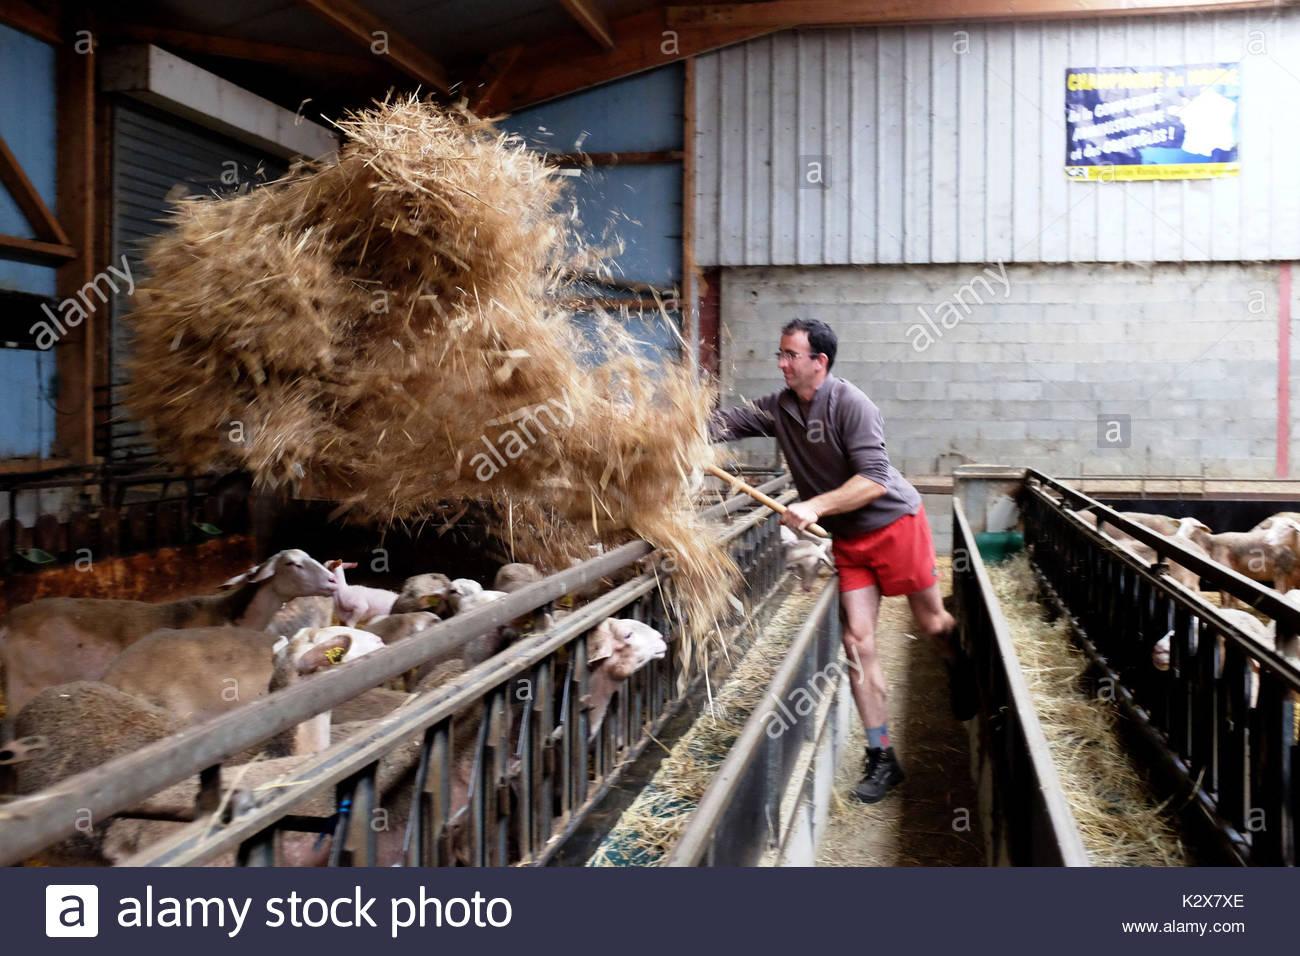 France, Nouvelle-Aquitaine, Pyrenees Atlantiques, Fichous Riumayou, le berger distribue de la paille pour refaire la literie des brebis. *** shepherd distributes straw for bedding remake of the sheep, France, Nouvelle-Aquitaine, Pyrenees Atlantiques, Fichous Riumayou - Stock Image